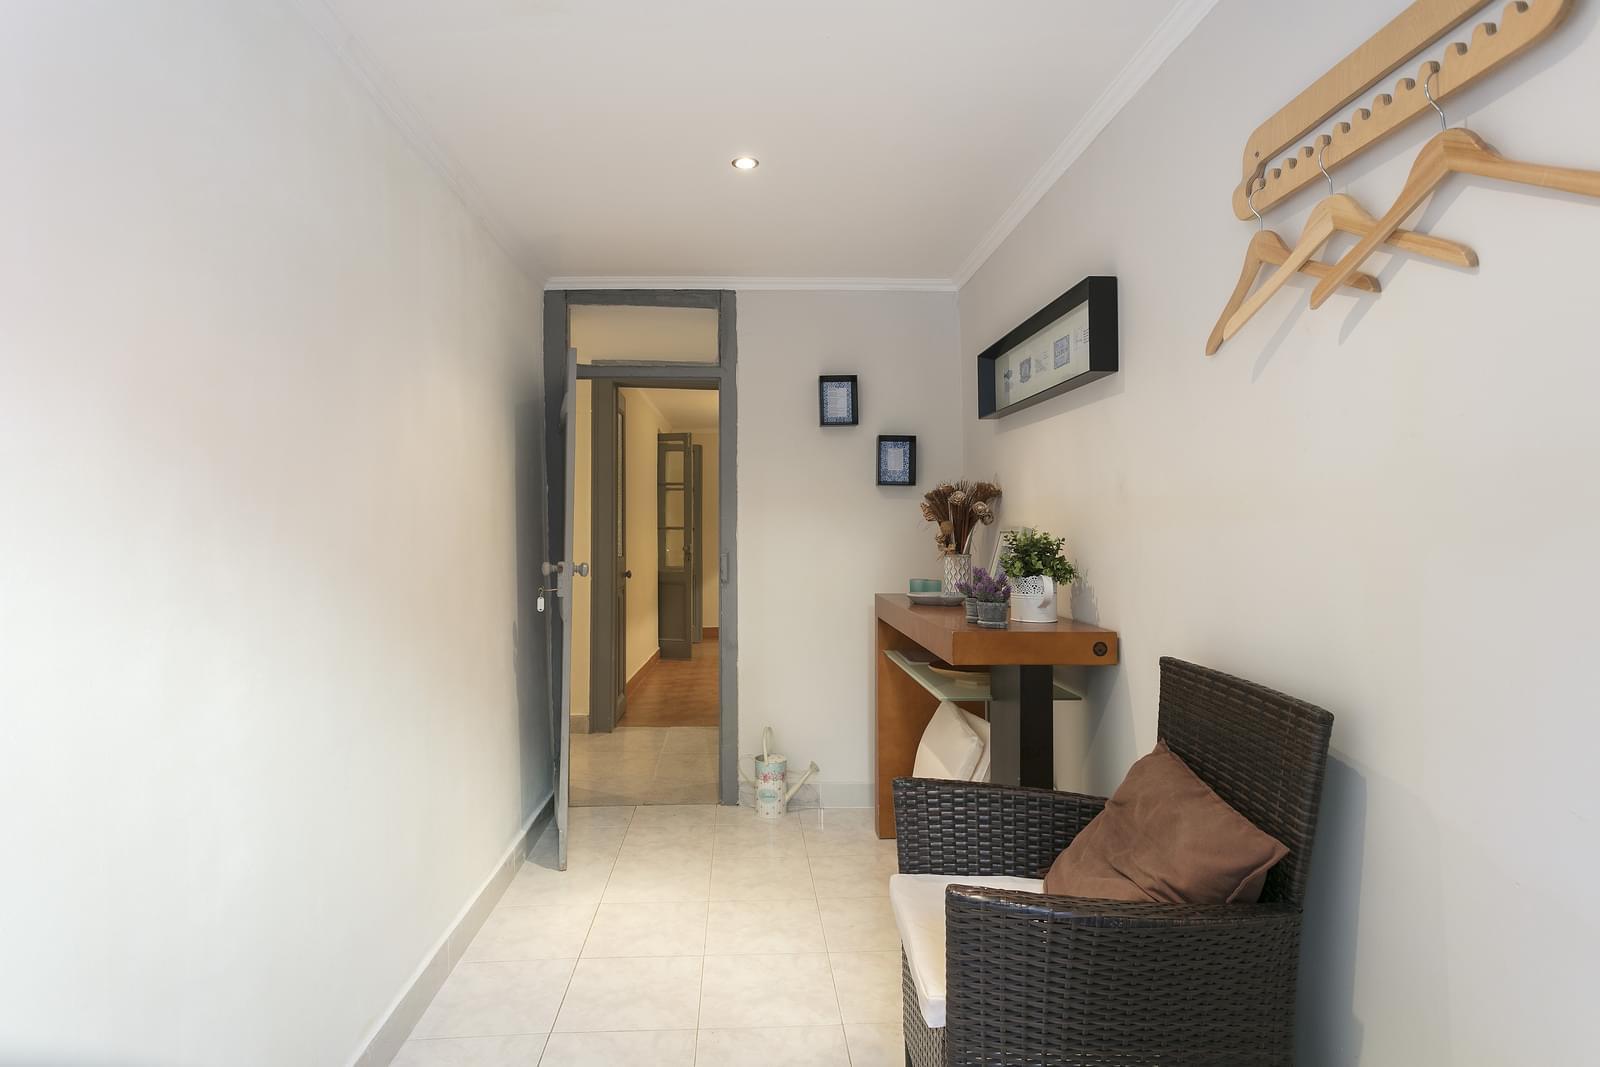 pf16716-apartamento-t2-3-lisboa-7953edd2-e9d4-40ba-888a-ef7d3ad7cab5